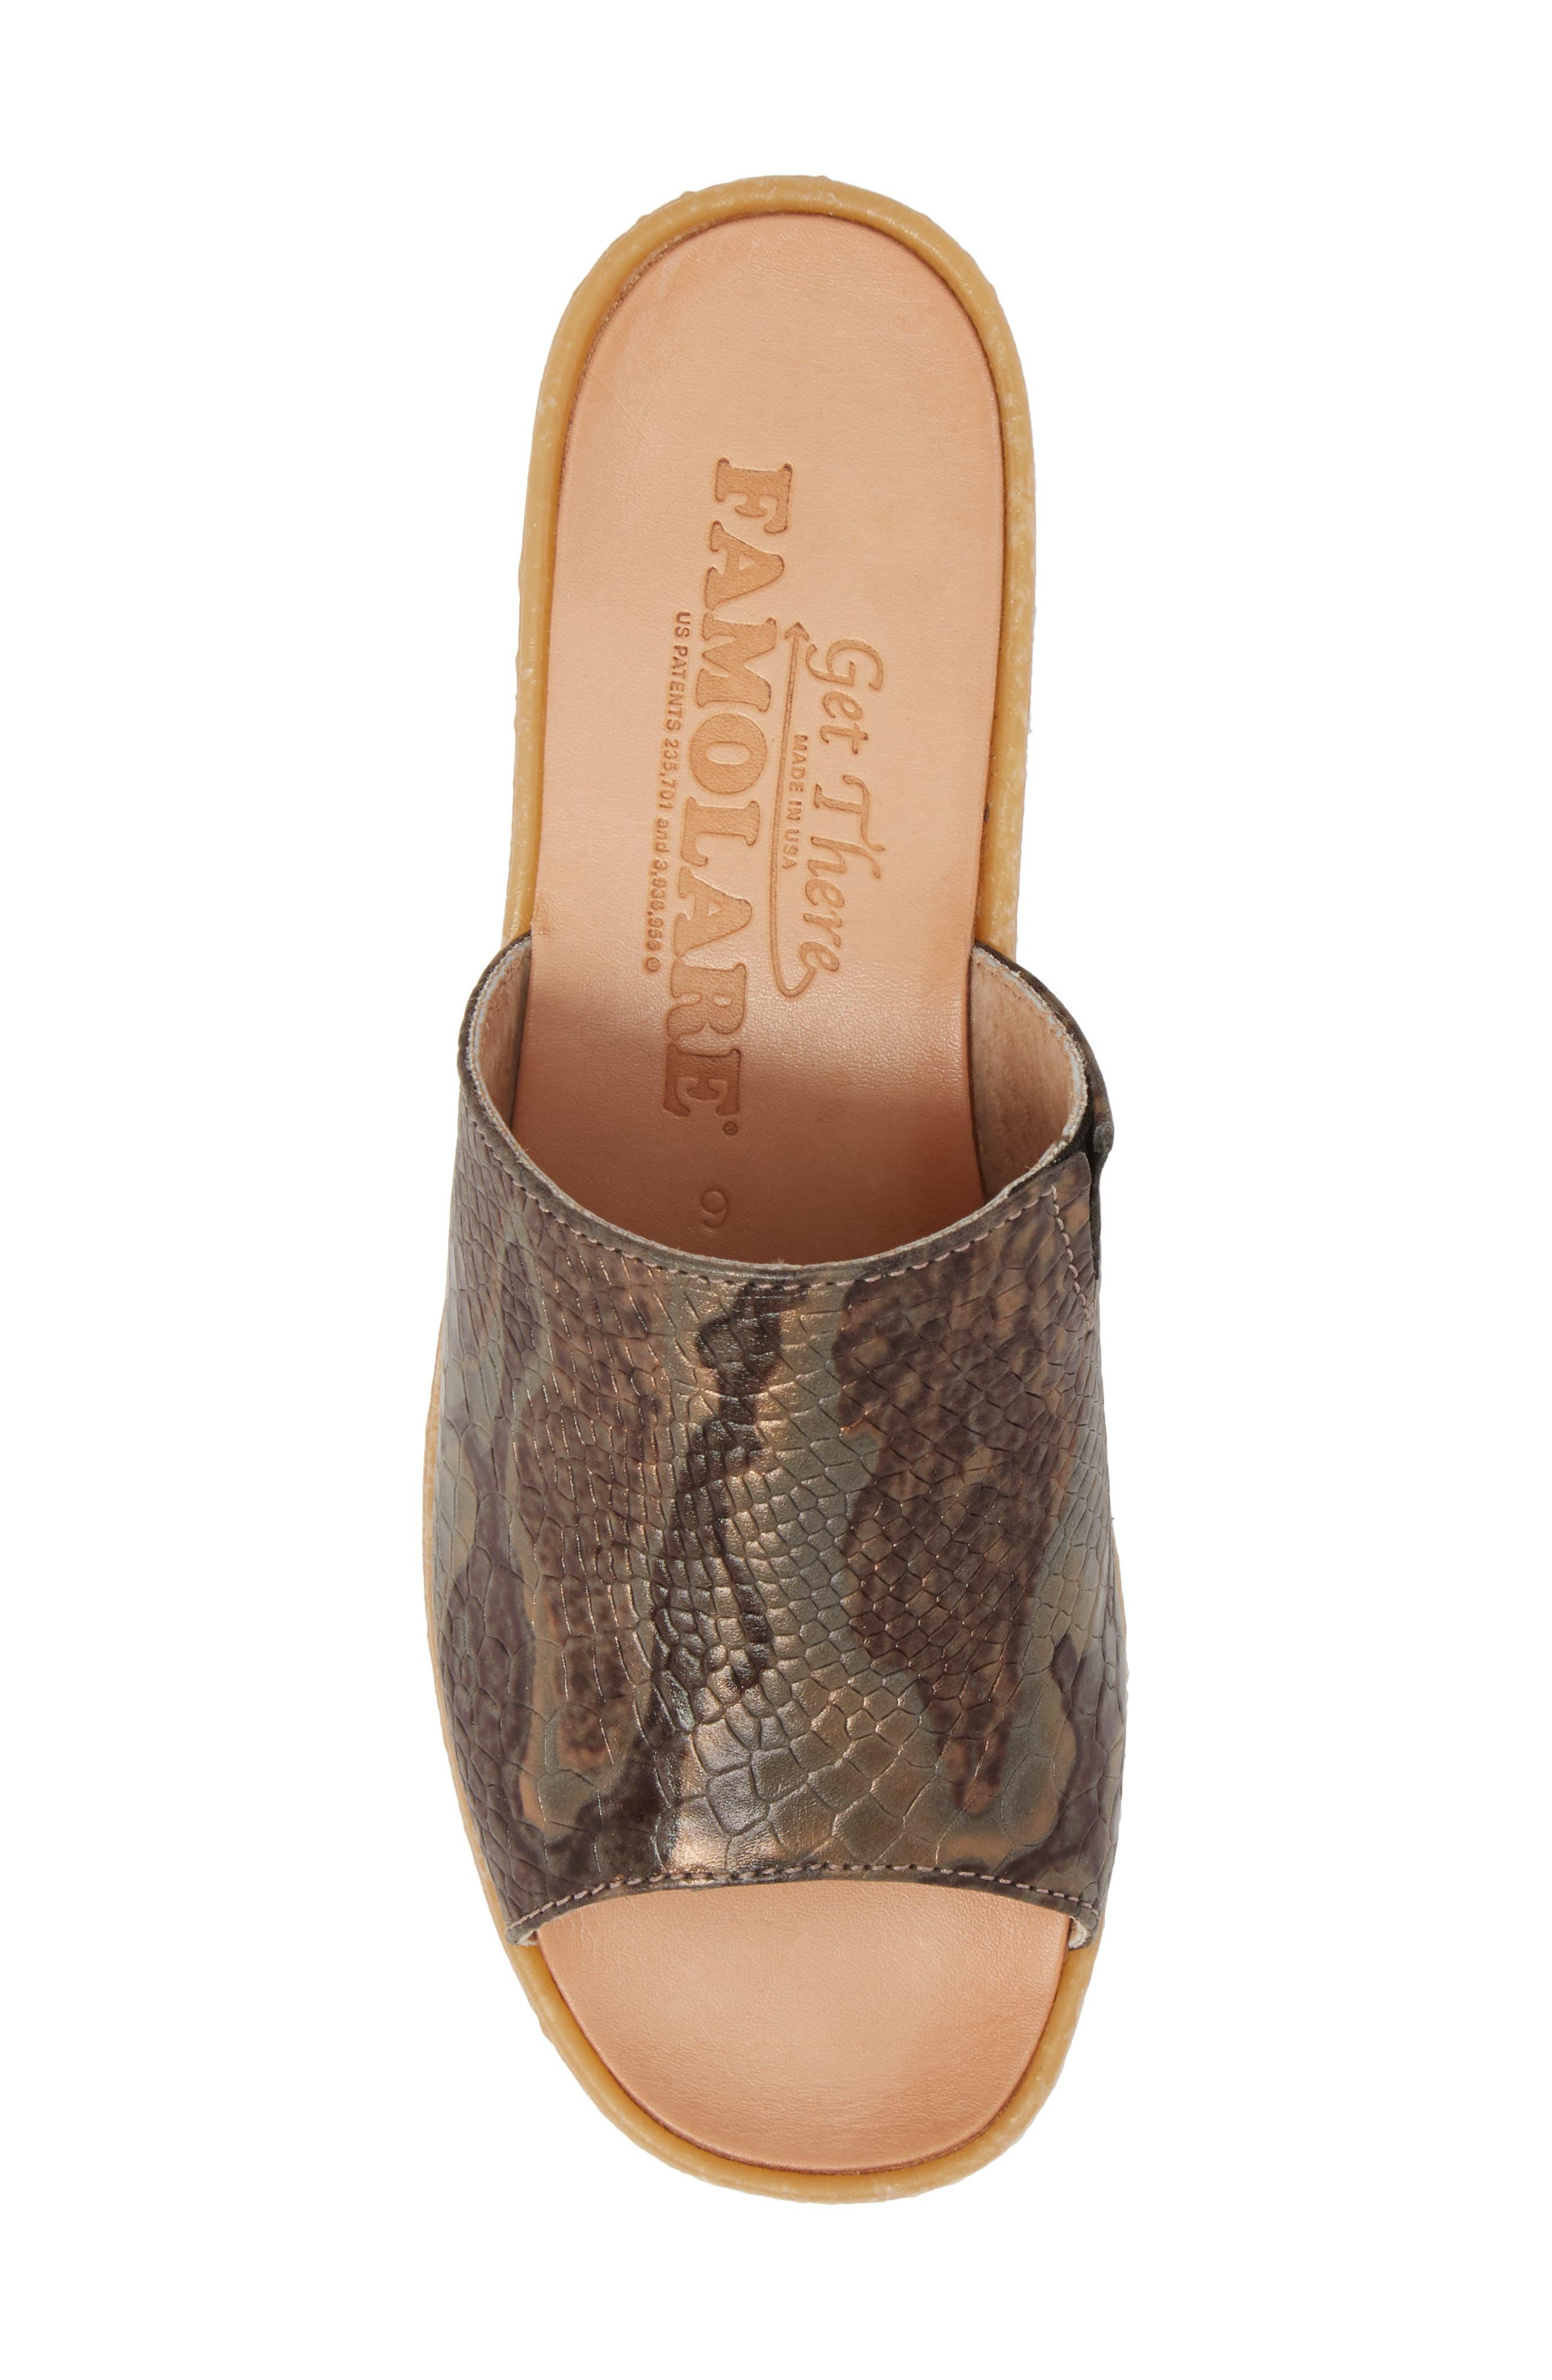 Slide N Sleek Wedge Slide Sandal,                             Alternate thumbnail 5, color,                             Snake Leather